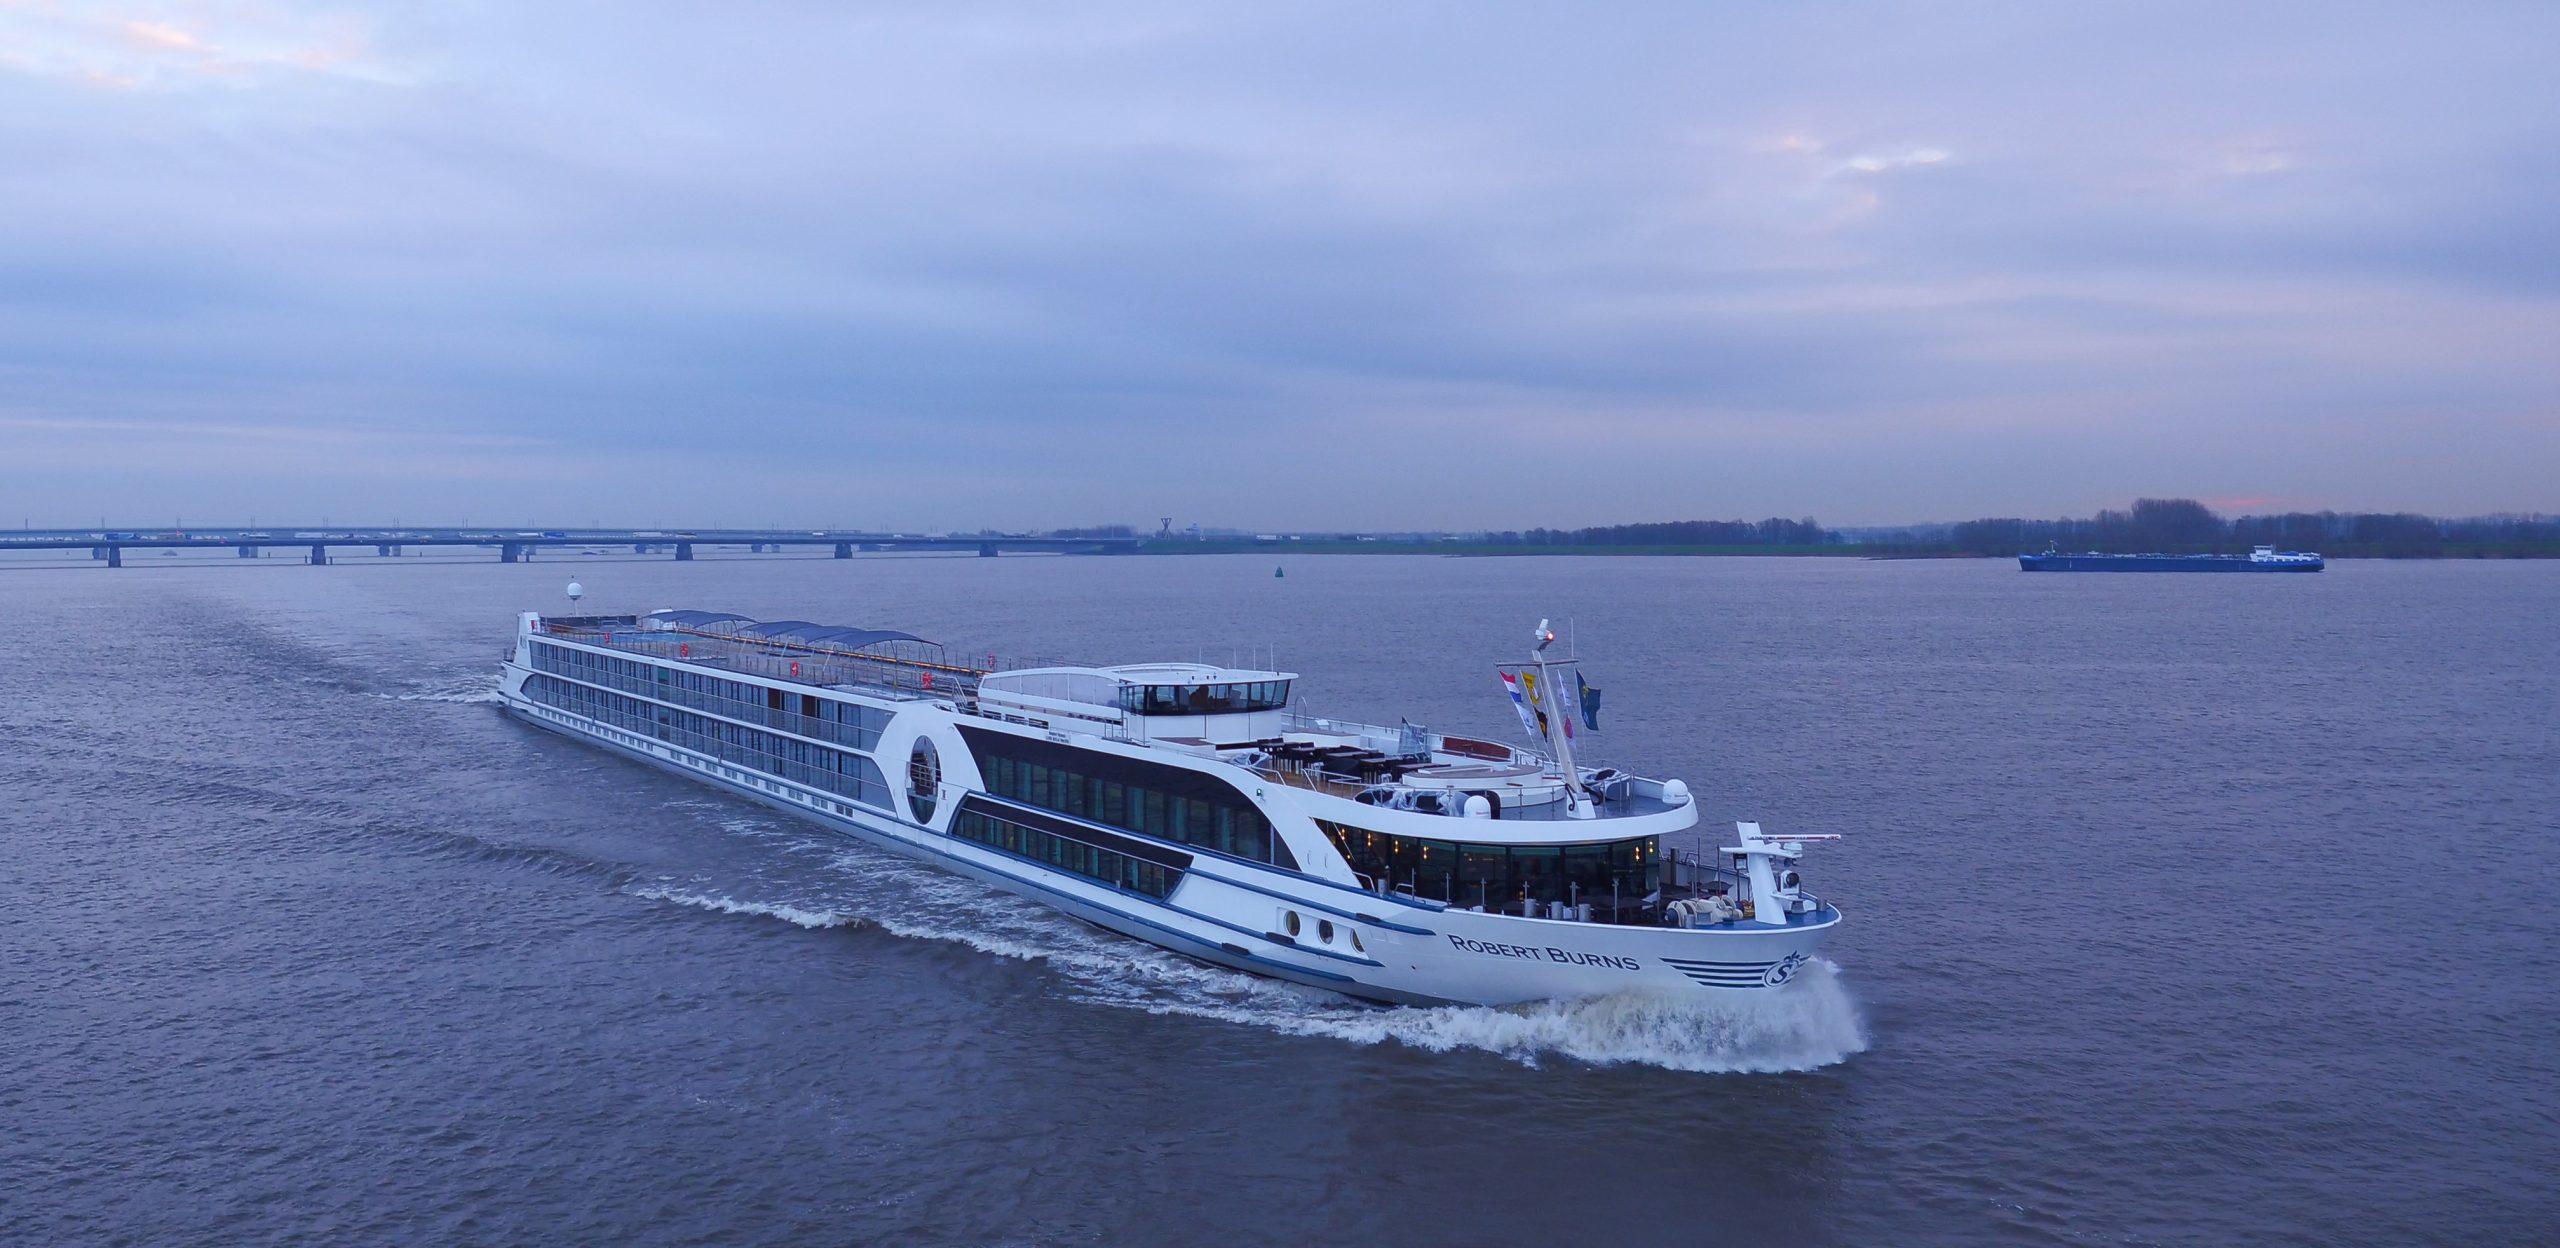 VIVA Cruises hat Kurzreisen ab/bis Frankfurt ins Programm aufgenommen, eine Vier-Nächte-Kreuzfahrt auf dem Rhein an Bord der MS ROBERT BURNS